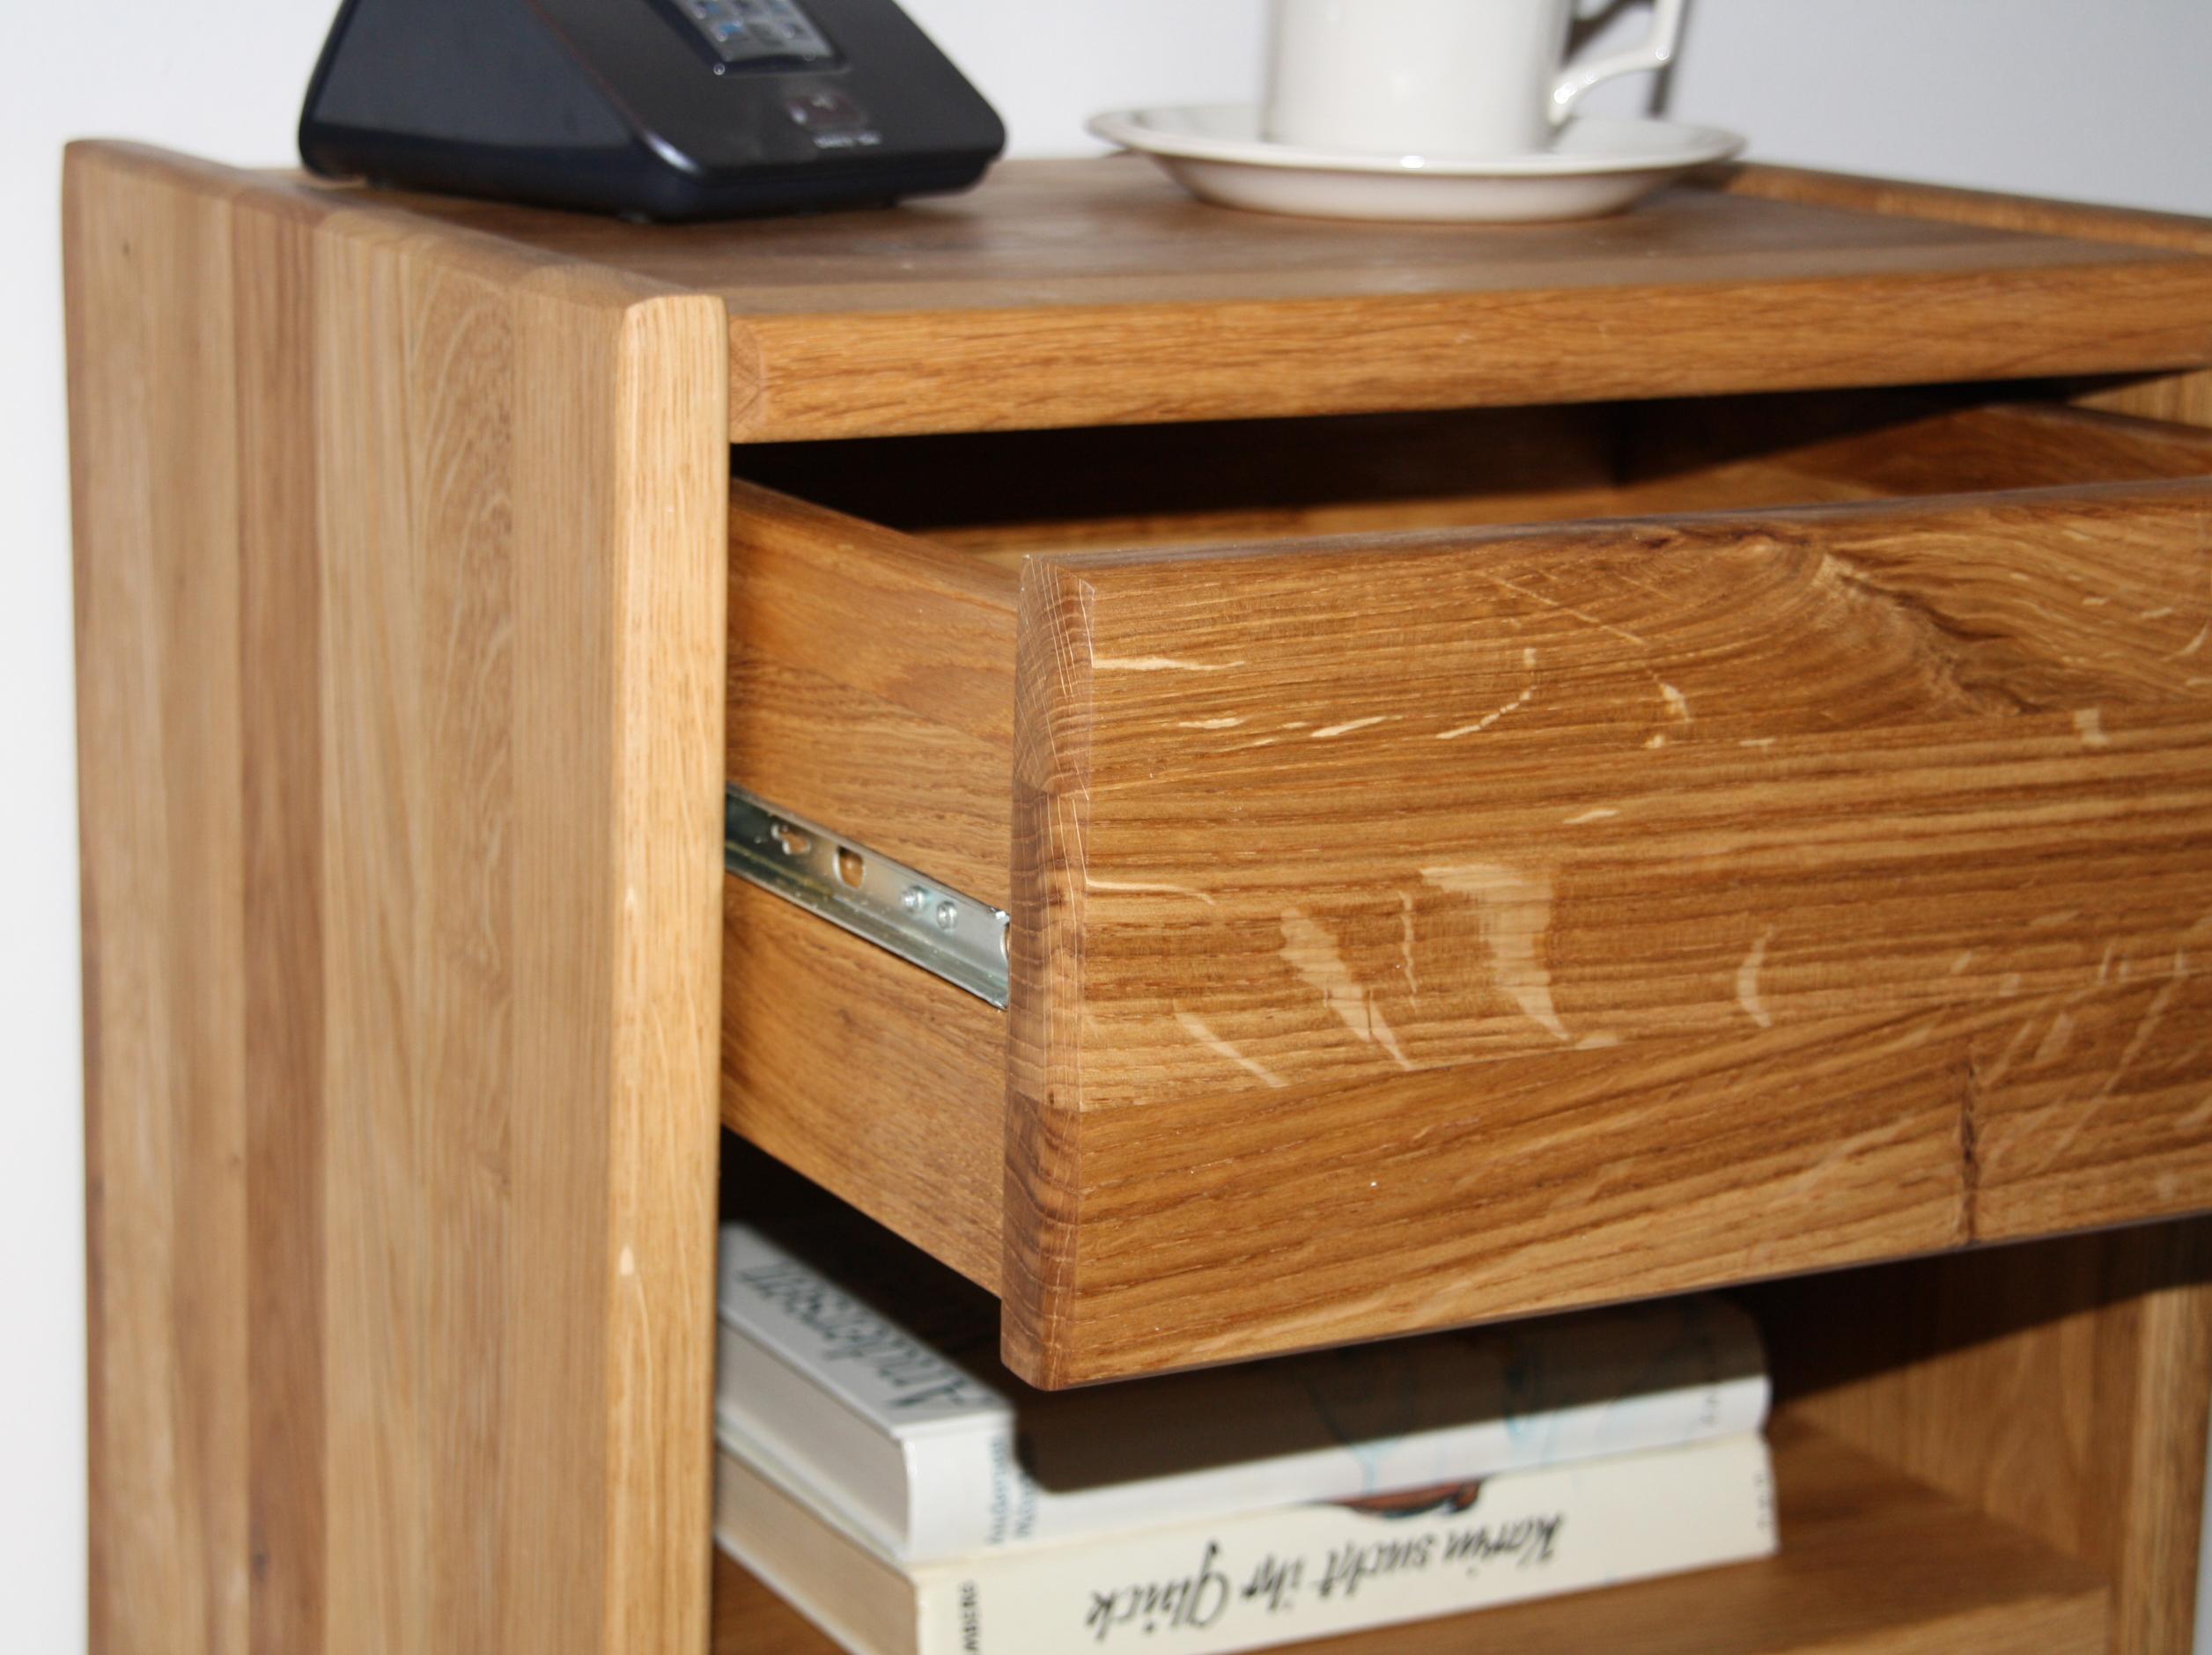 massivholz nachtkommode nachtschrank nachttisch kommode holz wildeiche massiv. Black Bedroom Furniture Sets. Home Design Ideas